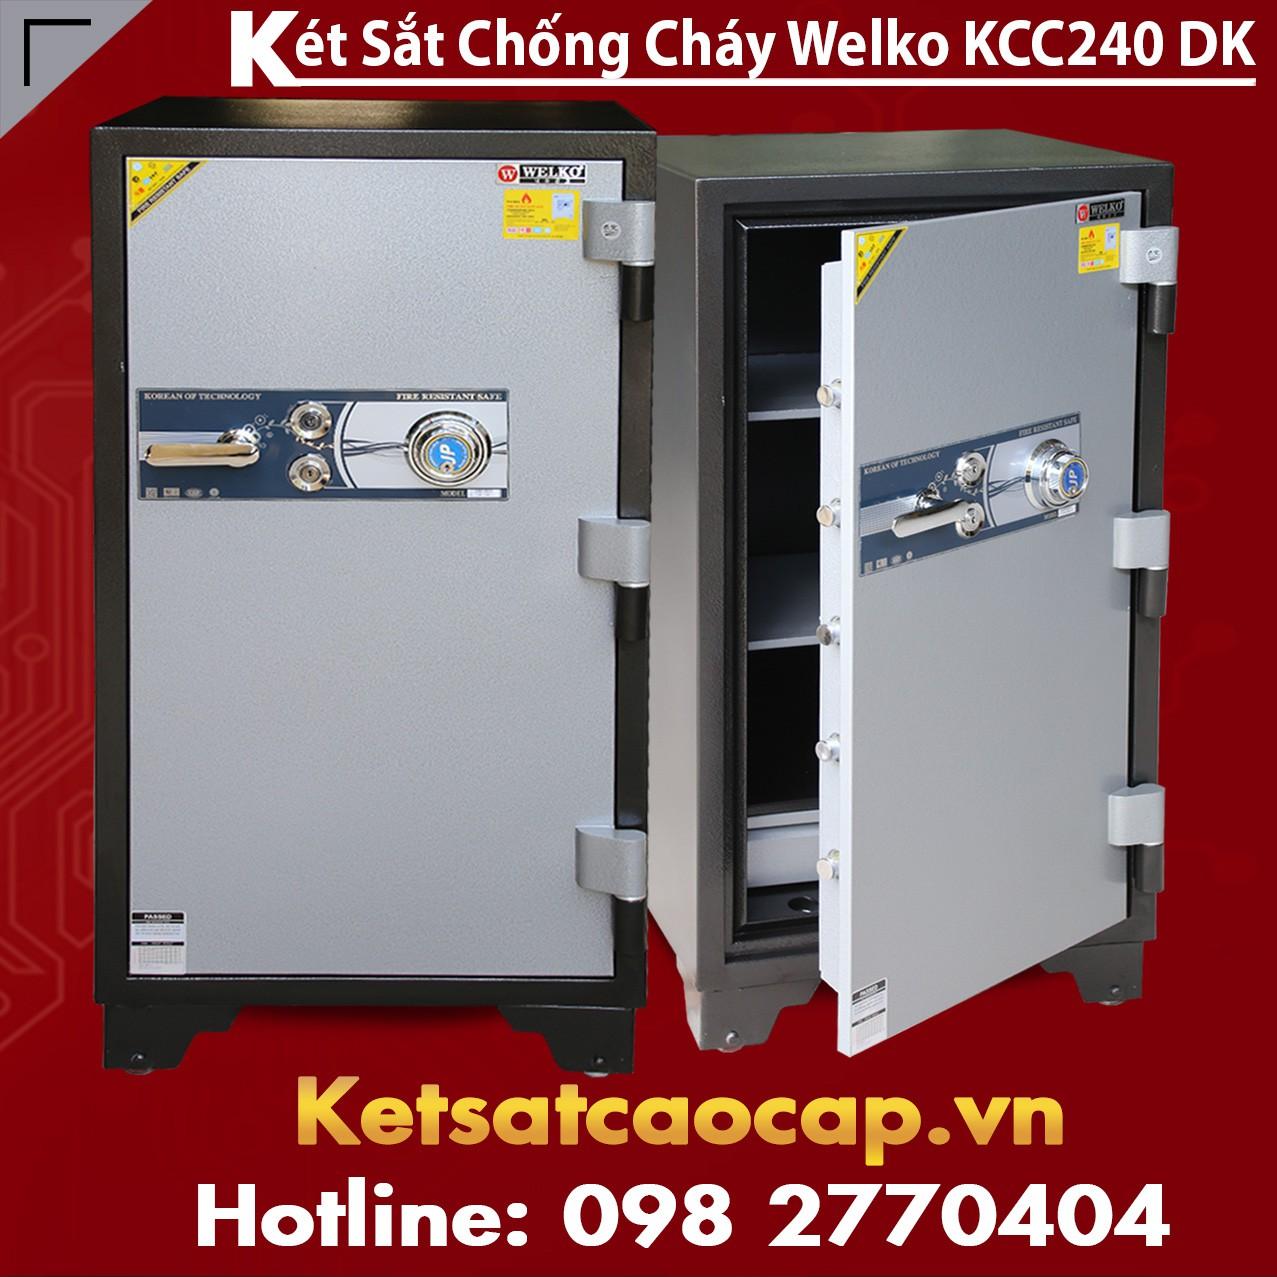 két sắt chống cháy bemc safe KCC240DM hà nội